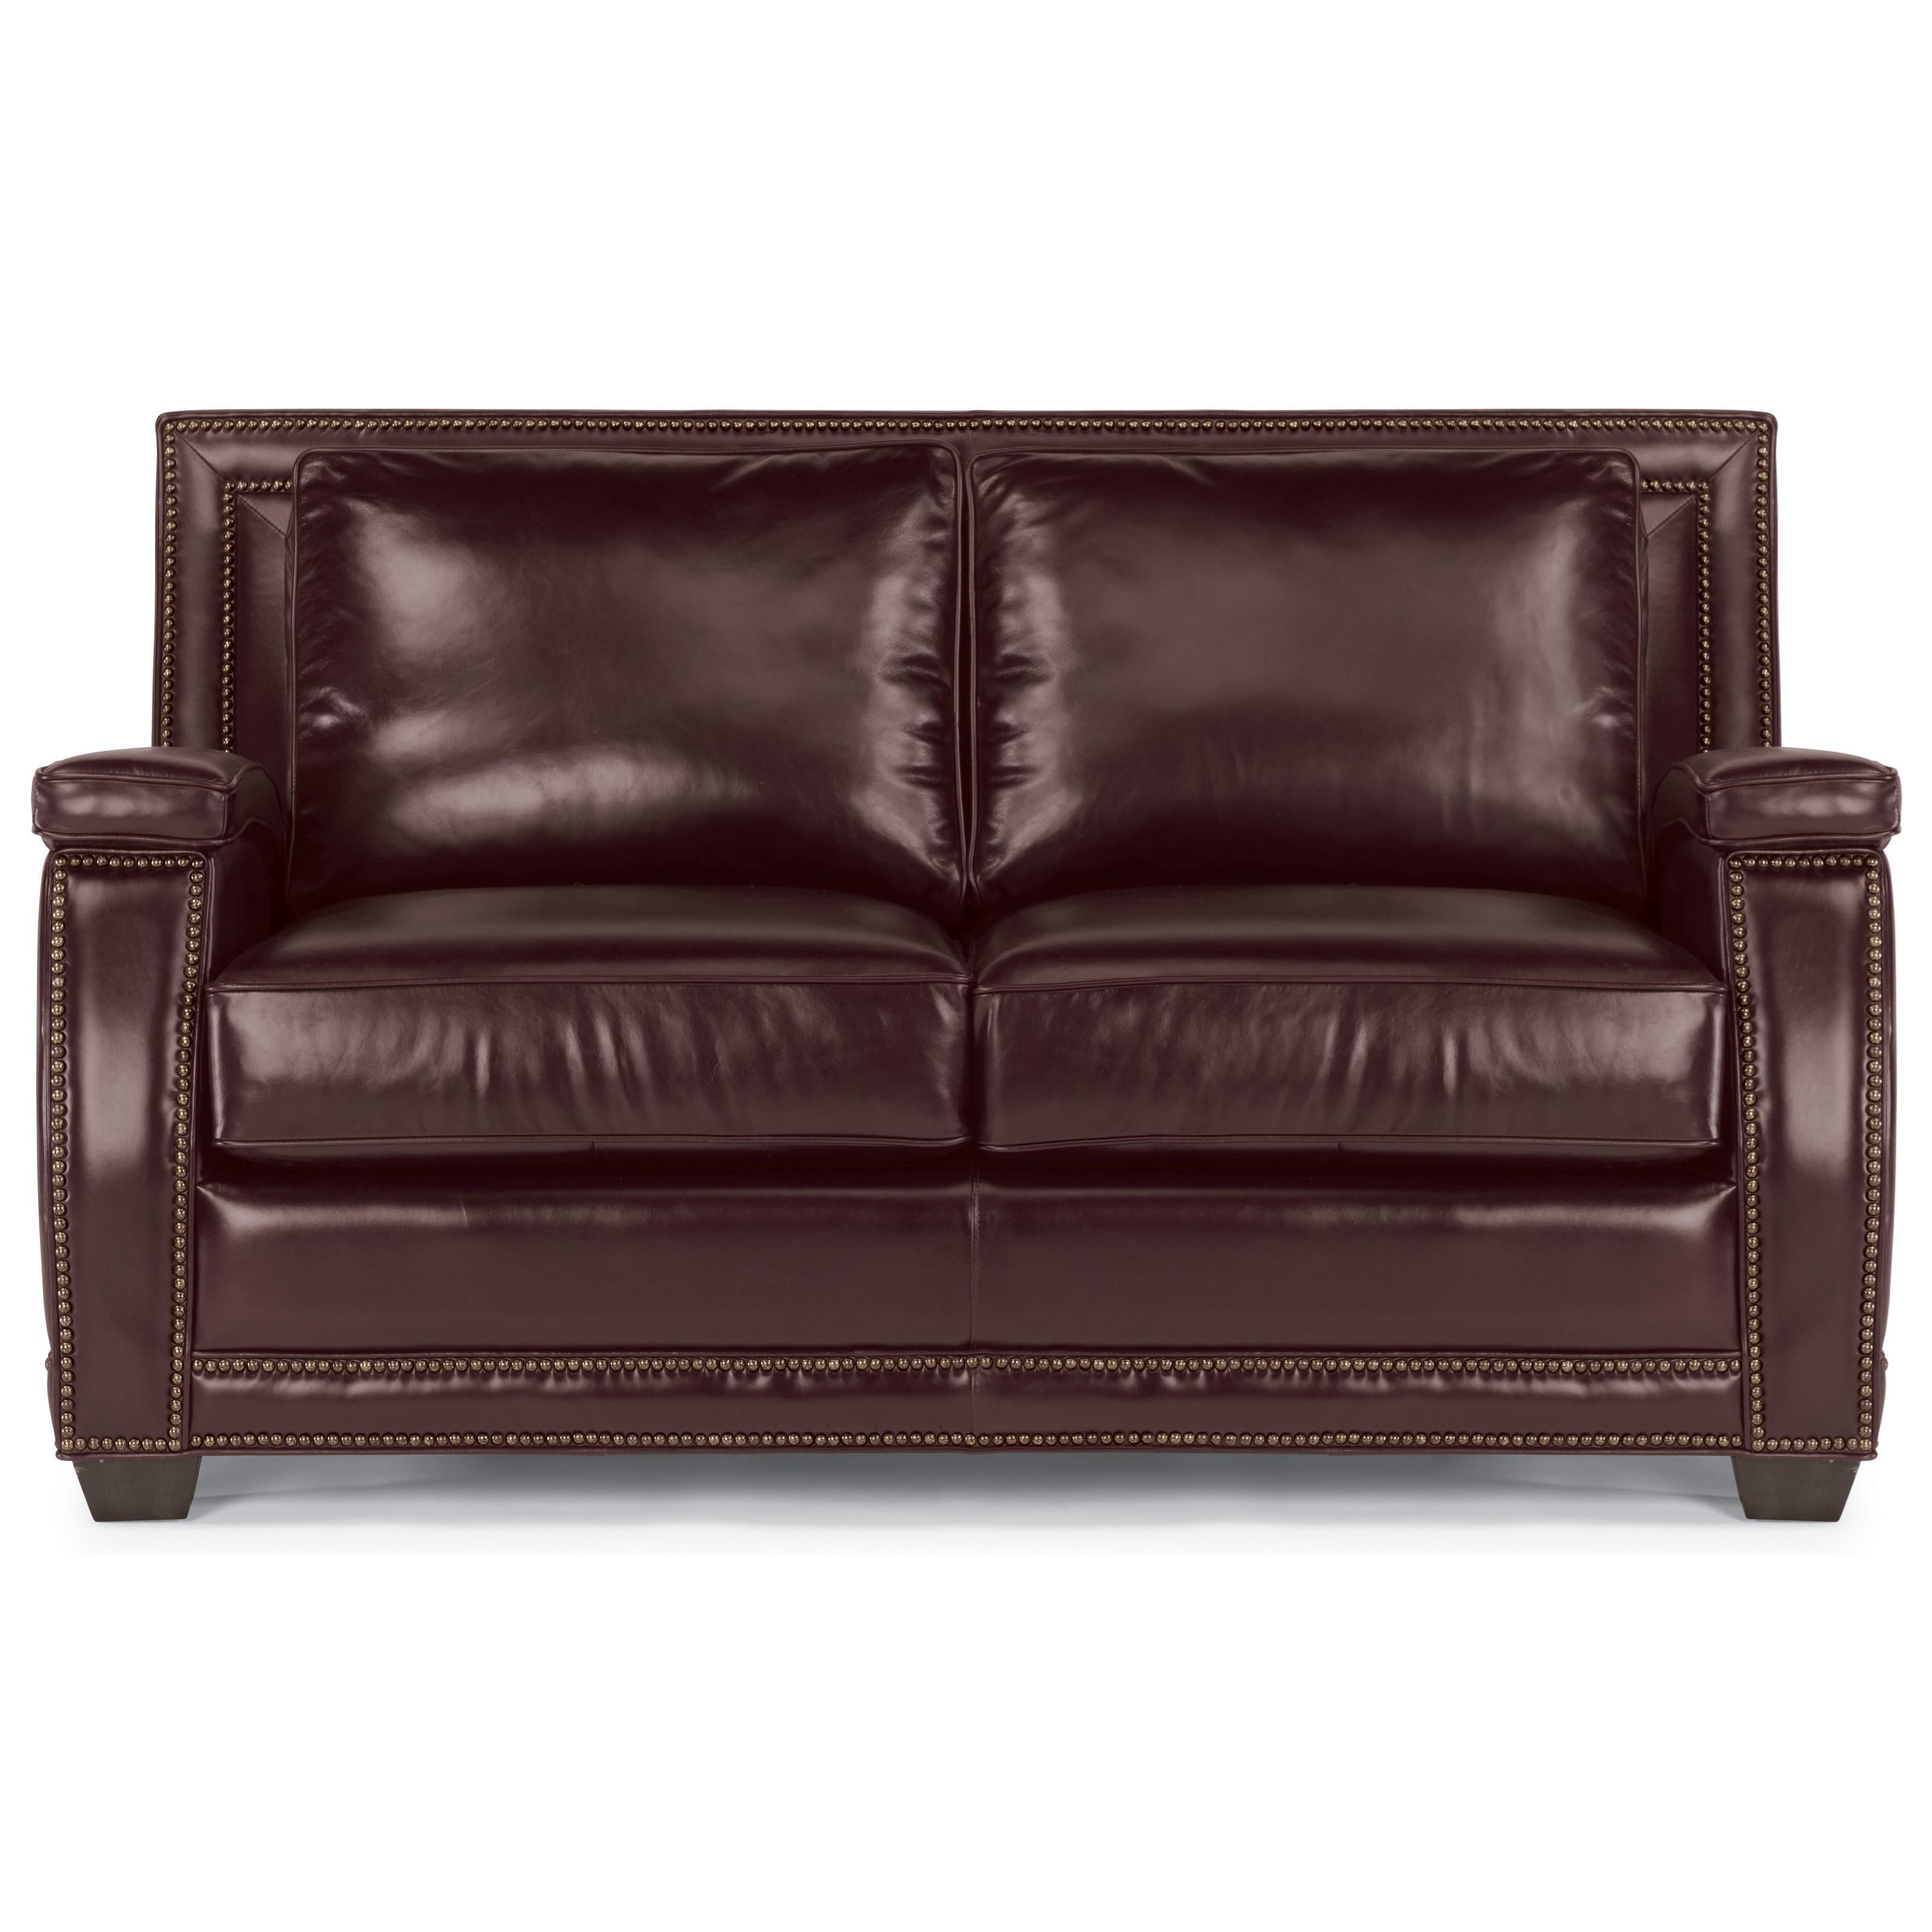 Flexsteel Latitudes-Raleigh Leather Loveseat  - Item Number: 1260-20